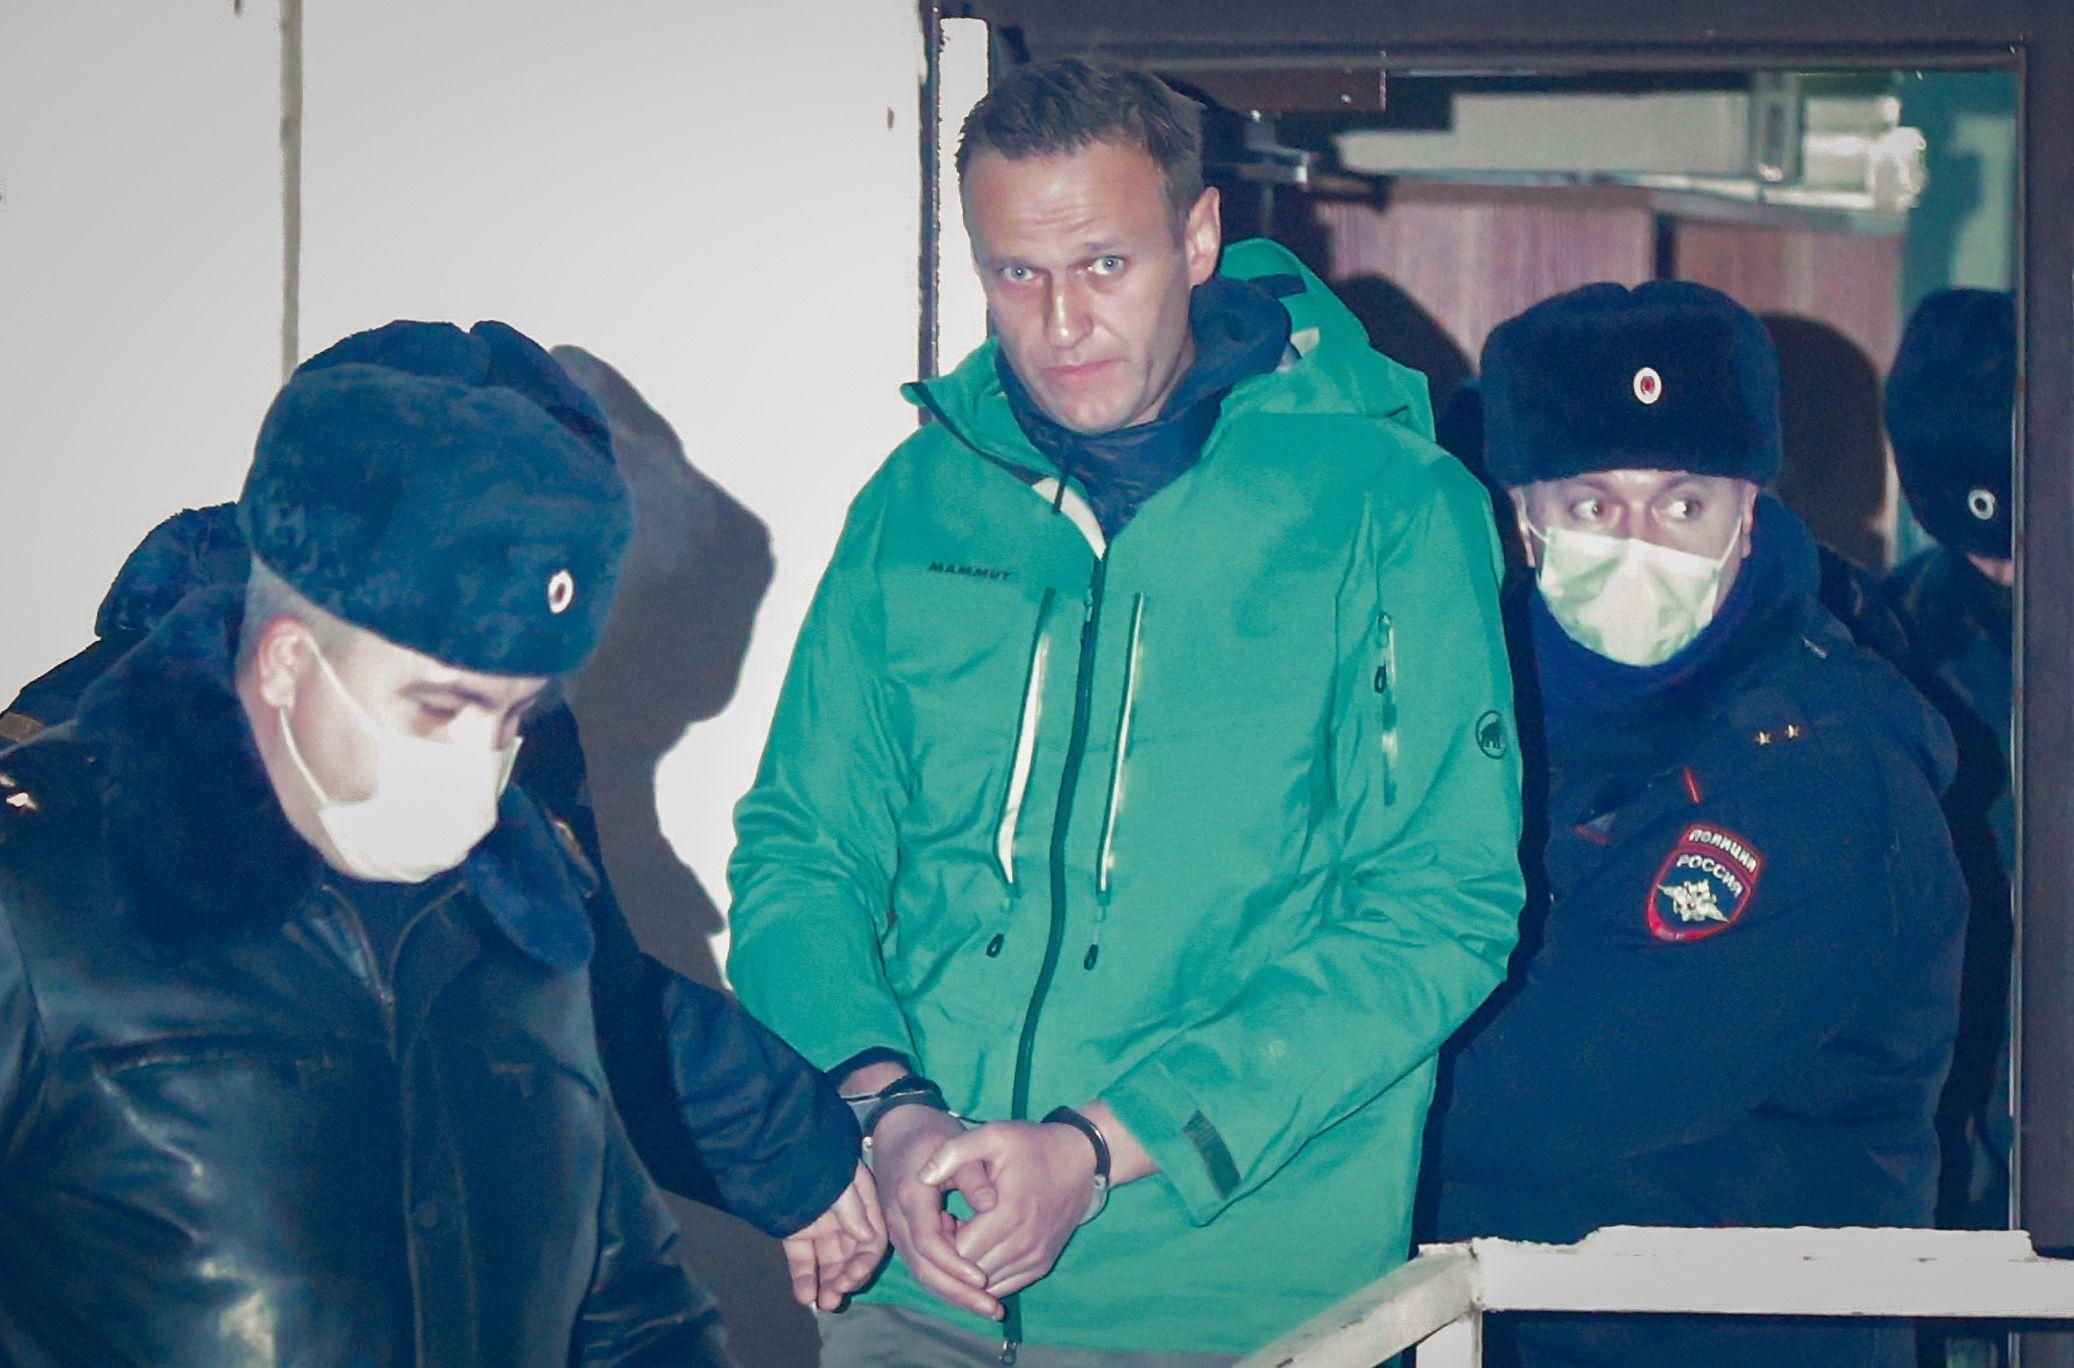 El opositor ruso Alexéi Navalni sale esposado de una comisaría en las afueras de Moscú, el pasado lunes. EFE/Sergei Ilnitsky